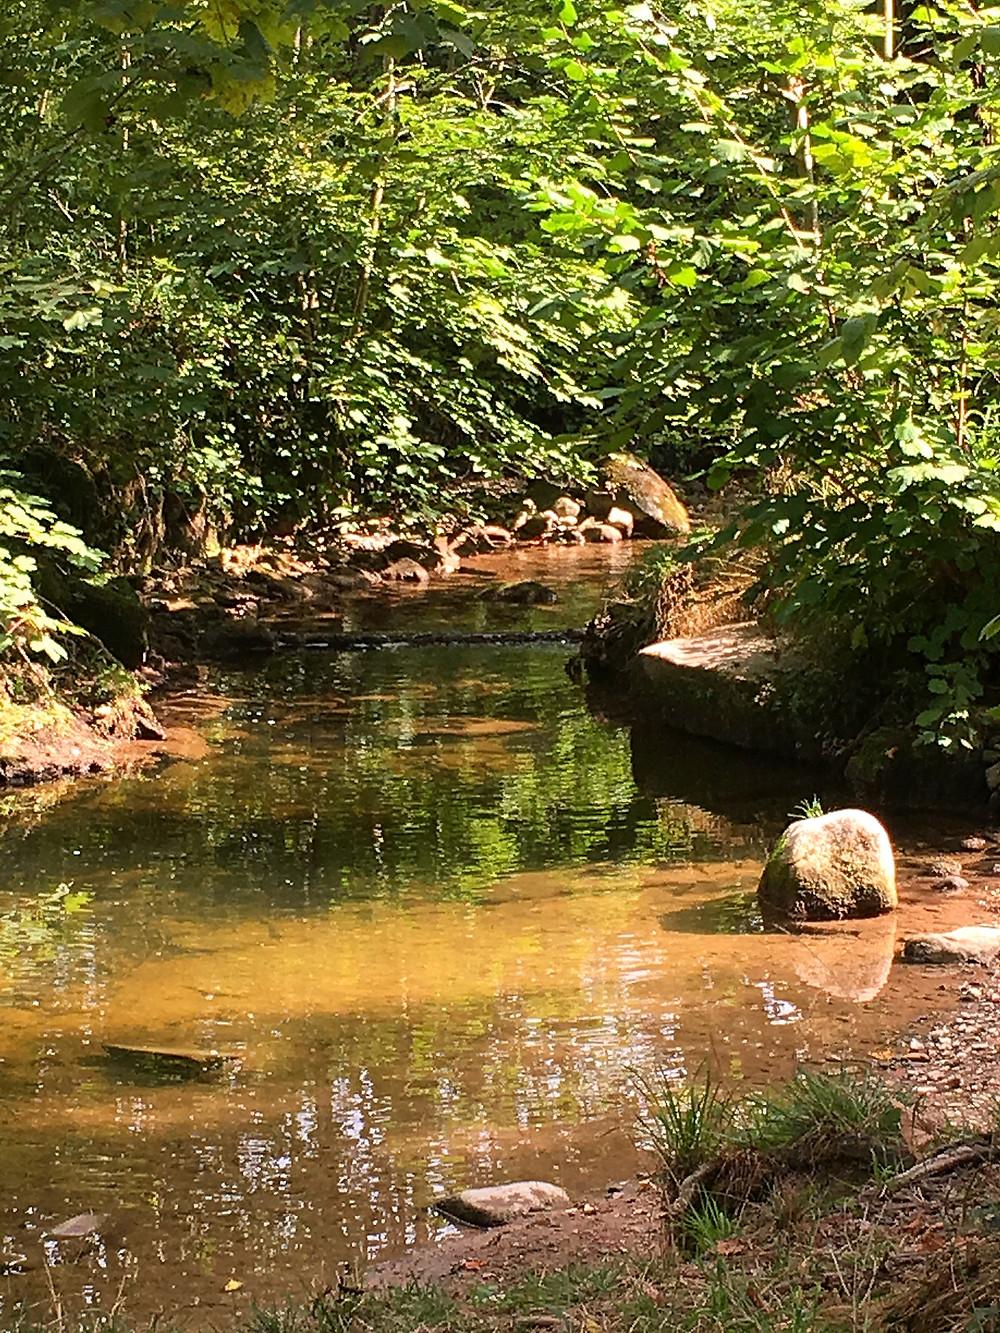 grünen Ufer - grünes Wasser